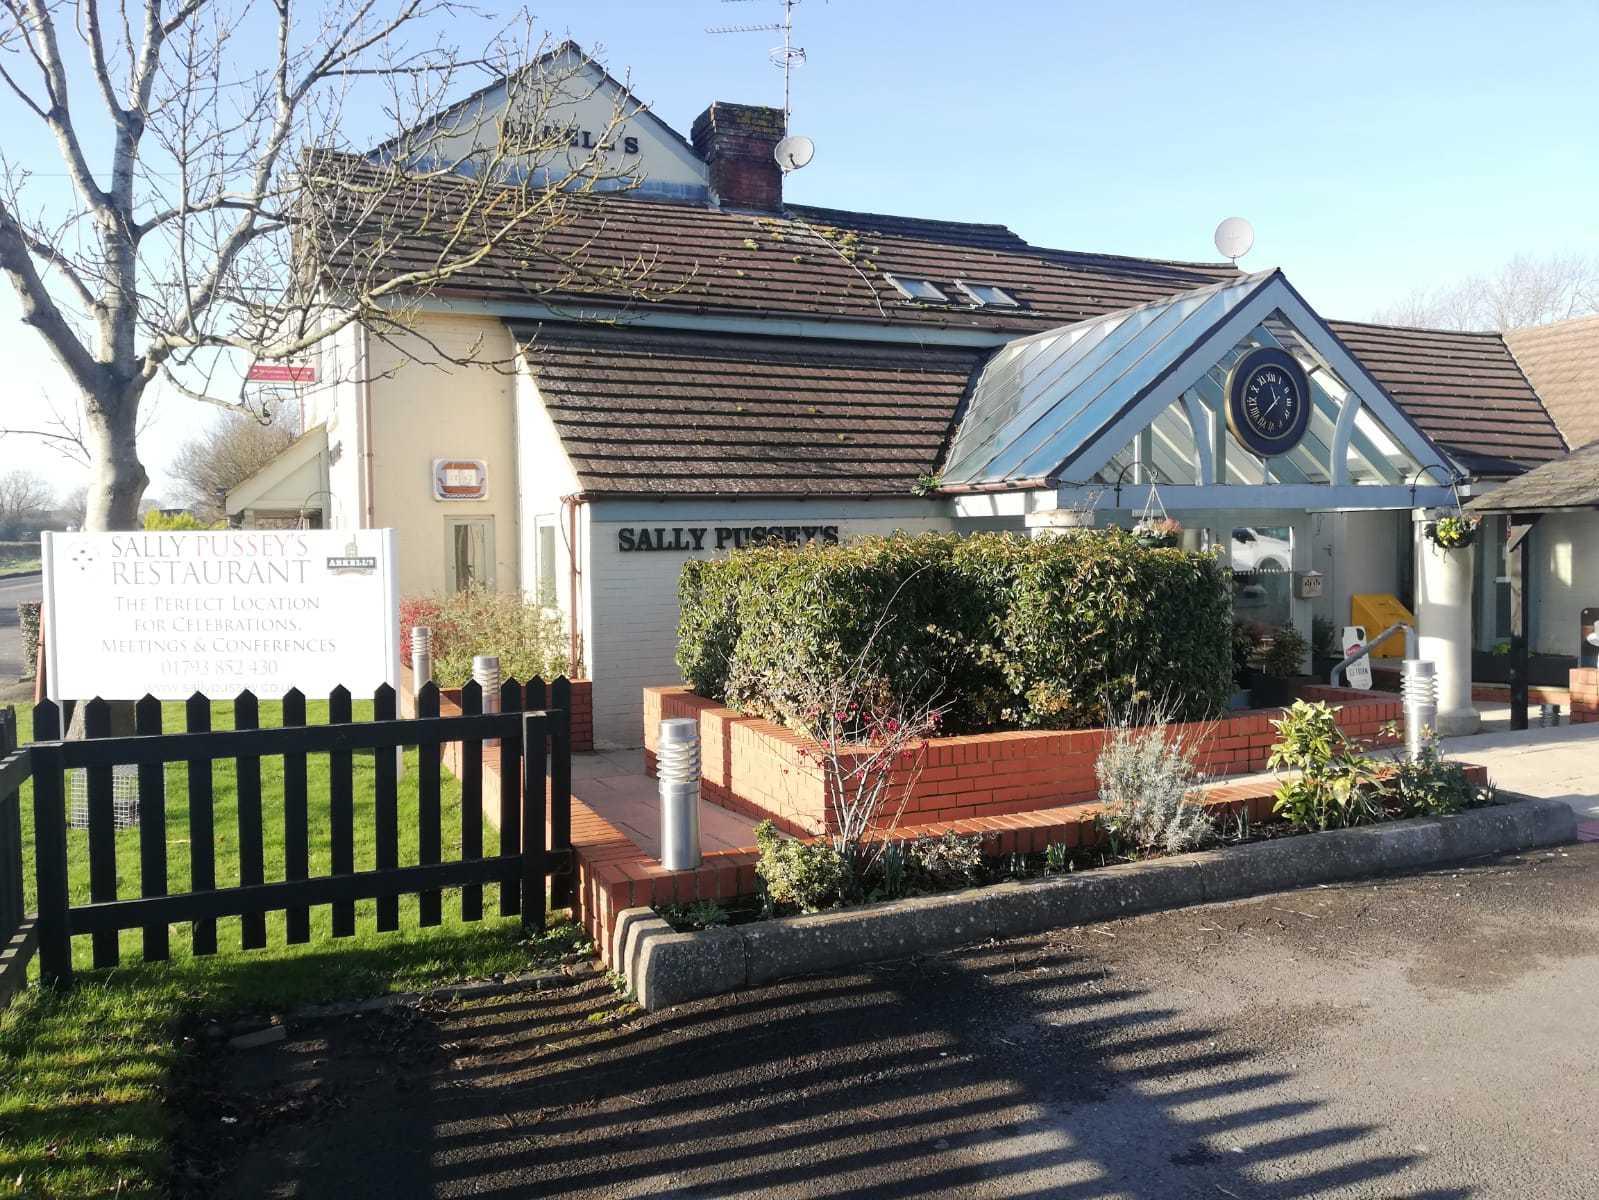 FOOD REVIEW: Sally Pussey's Inn, Royal Wootton Bassett